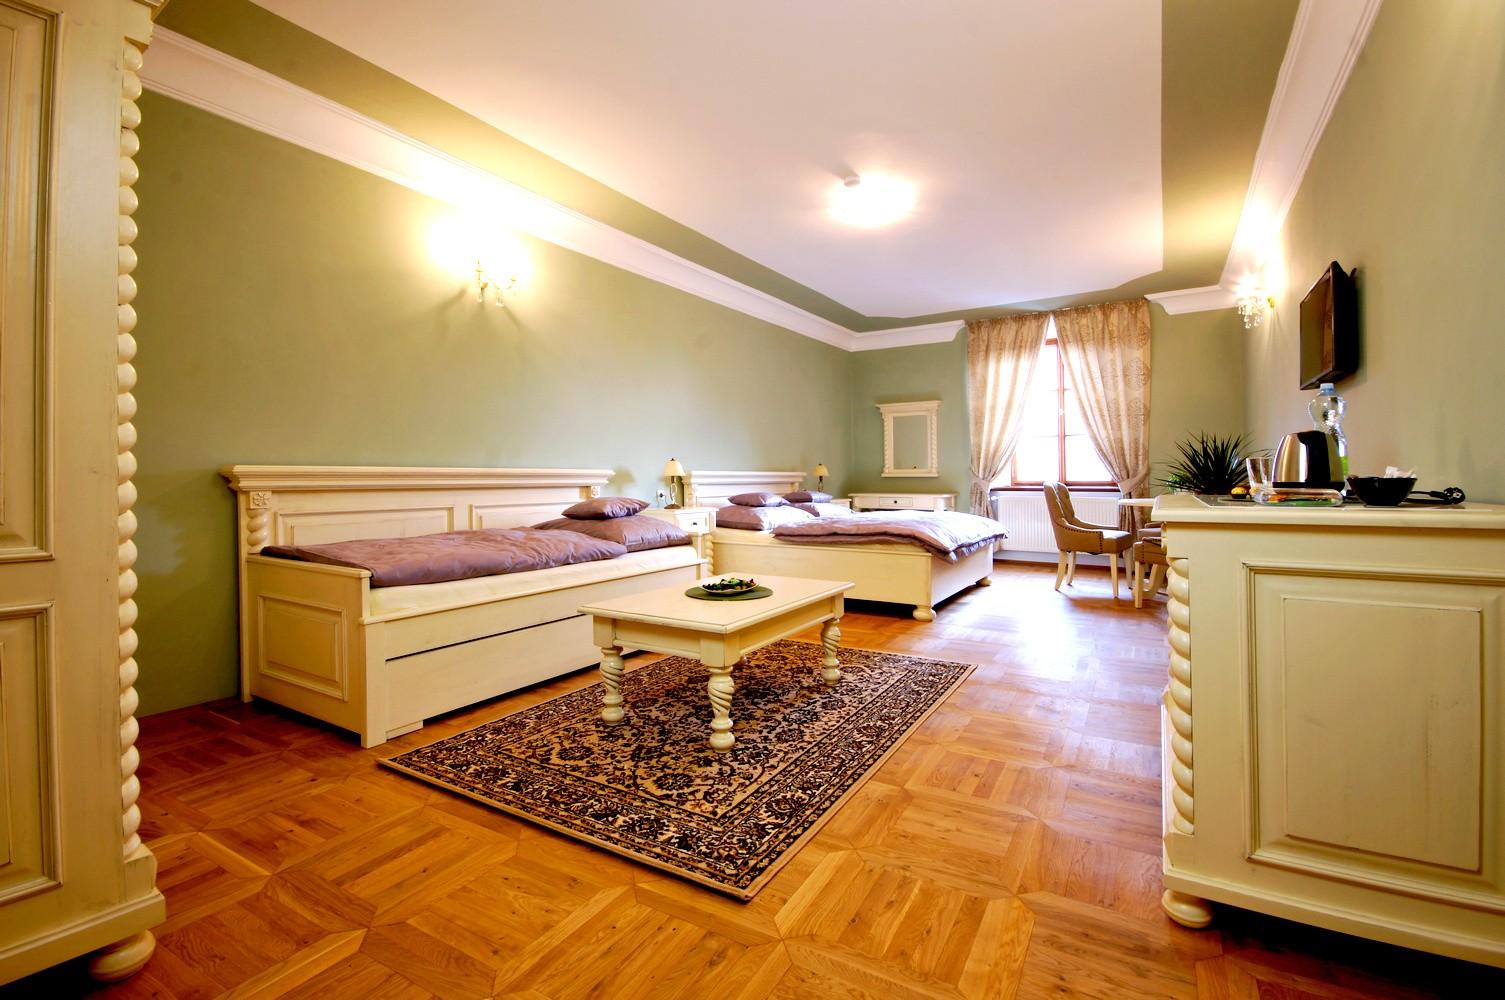 Dárkový poukaz na relax s nádechem luxusu v Kuté Hoře - 7 500 Kč